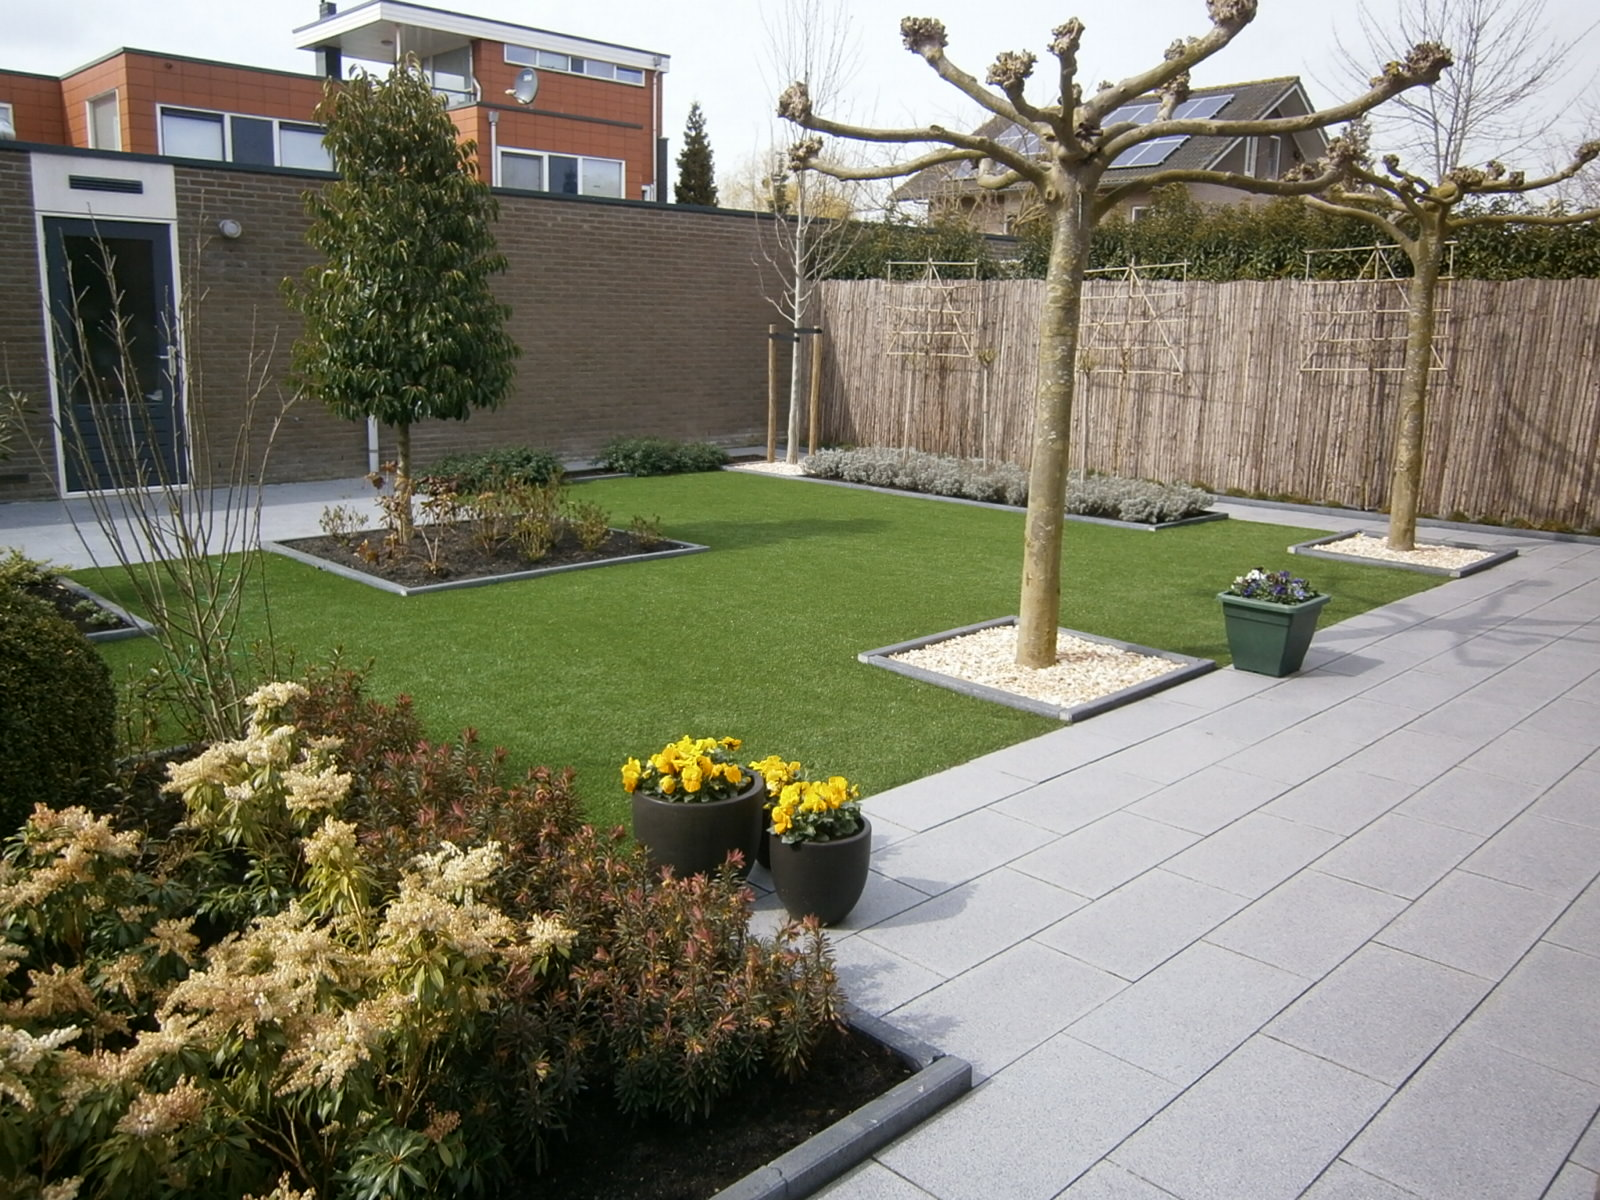 Kunstgras startpagina voor tuin idee n uw - Een terras aan het plannen ...